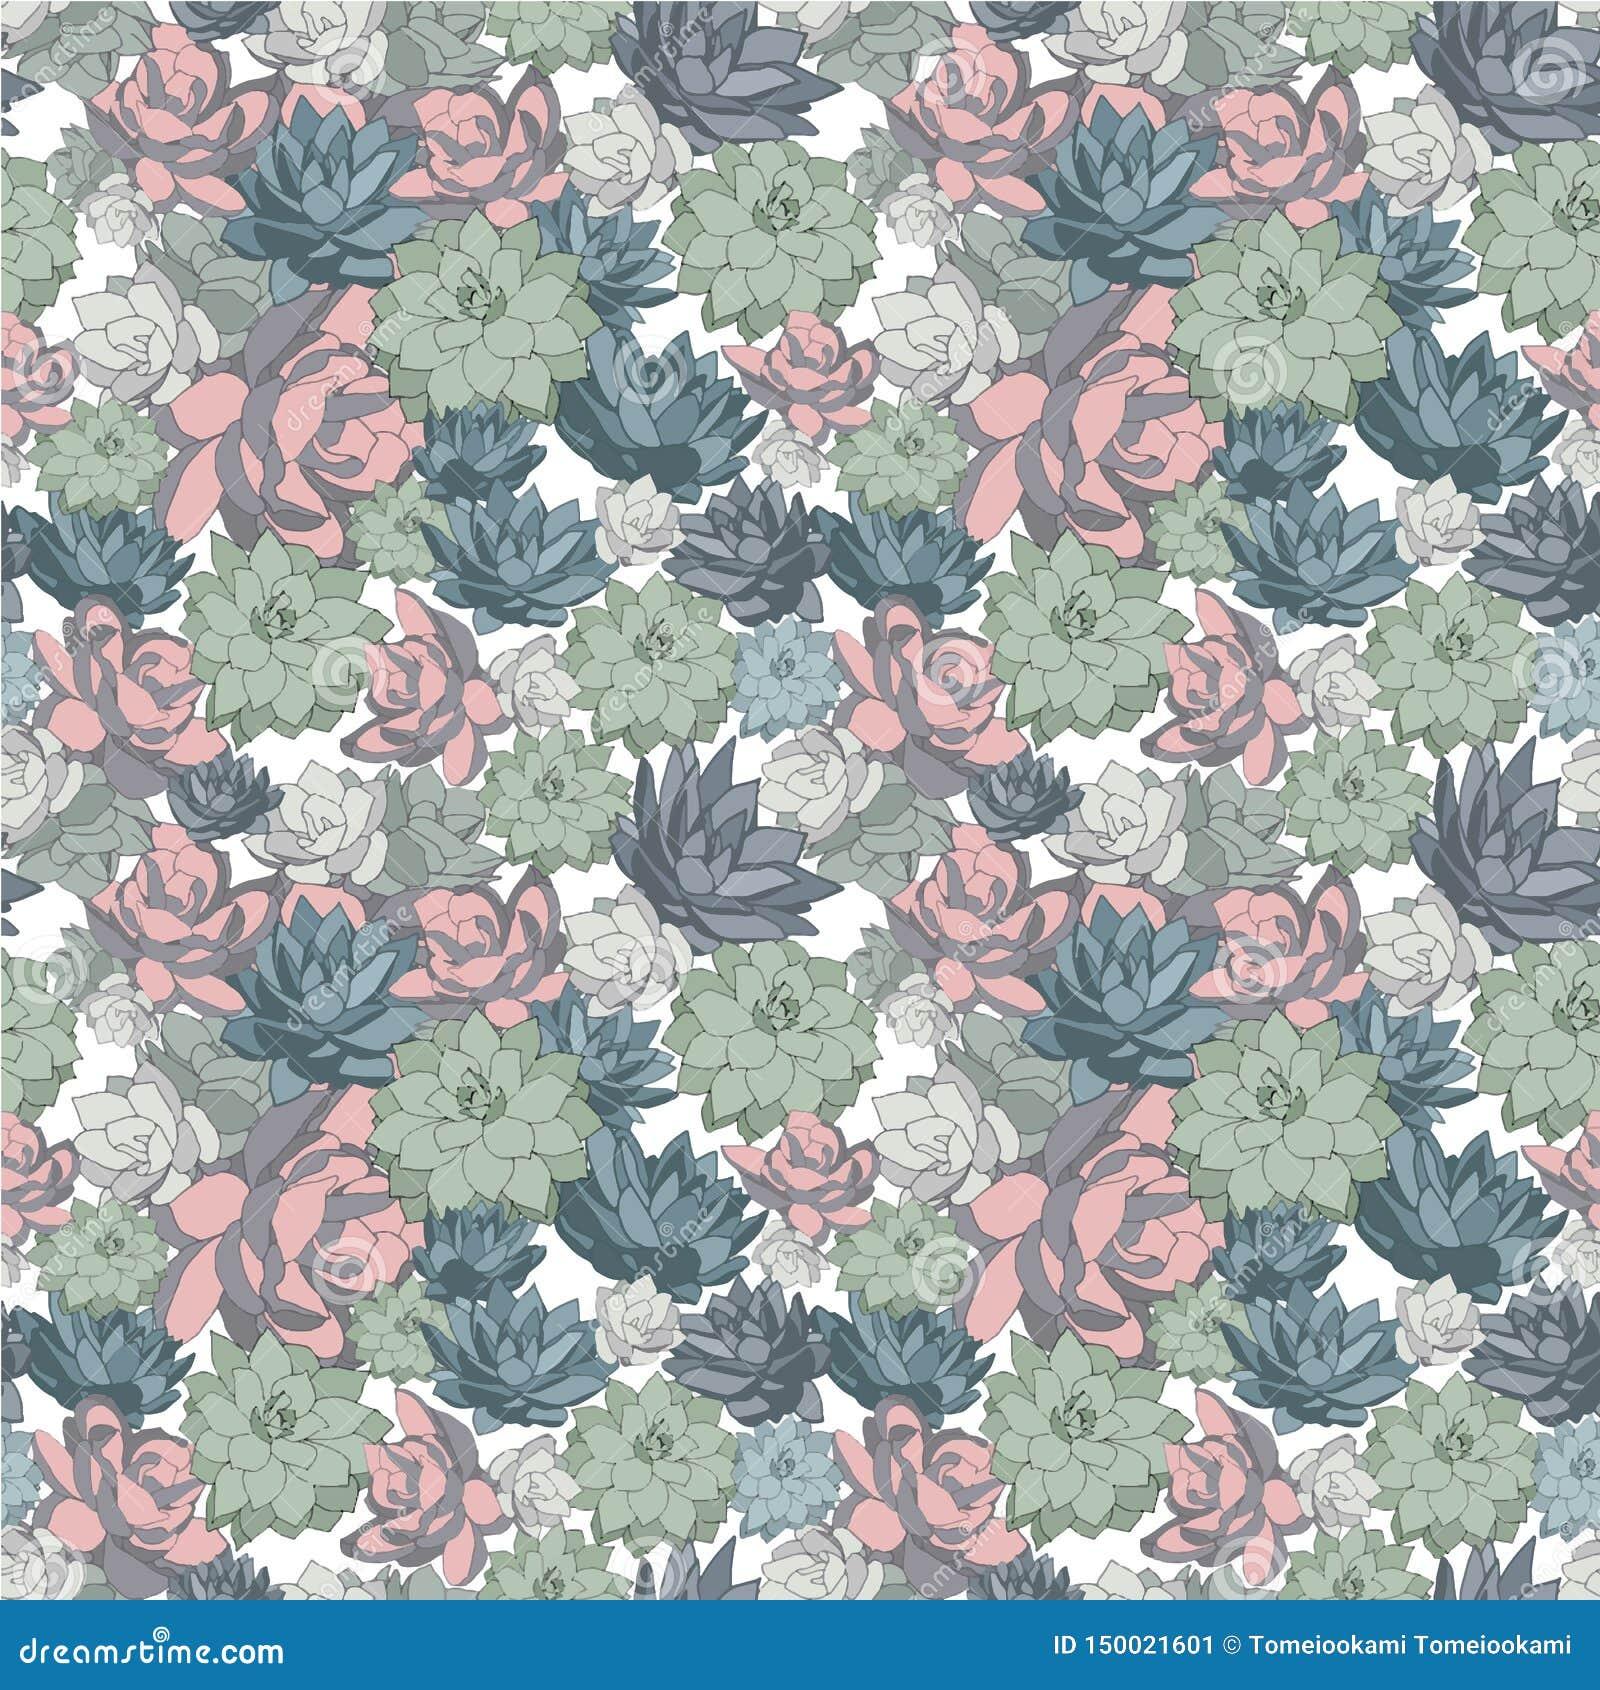 Succulent σύνολο άνευ ραφής διανυσματικών σχεδίων στα χρώματα κρητιδογραφιών